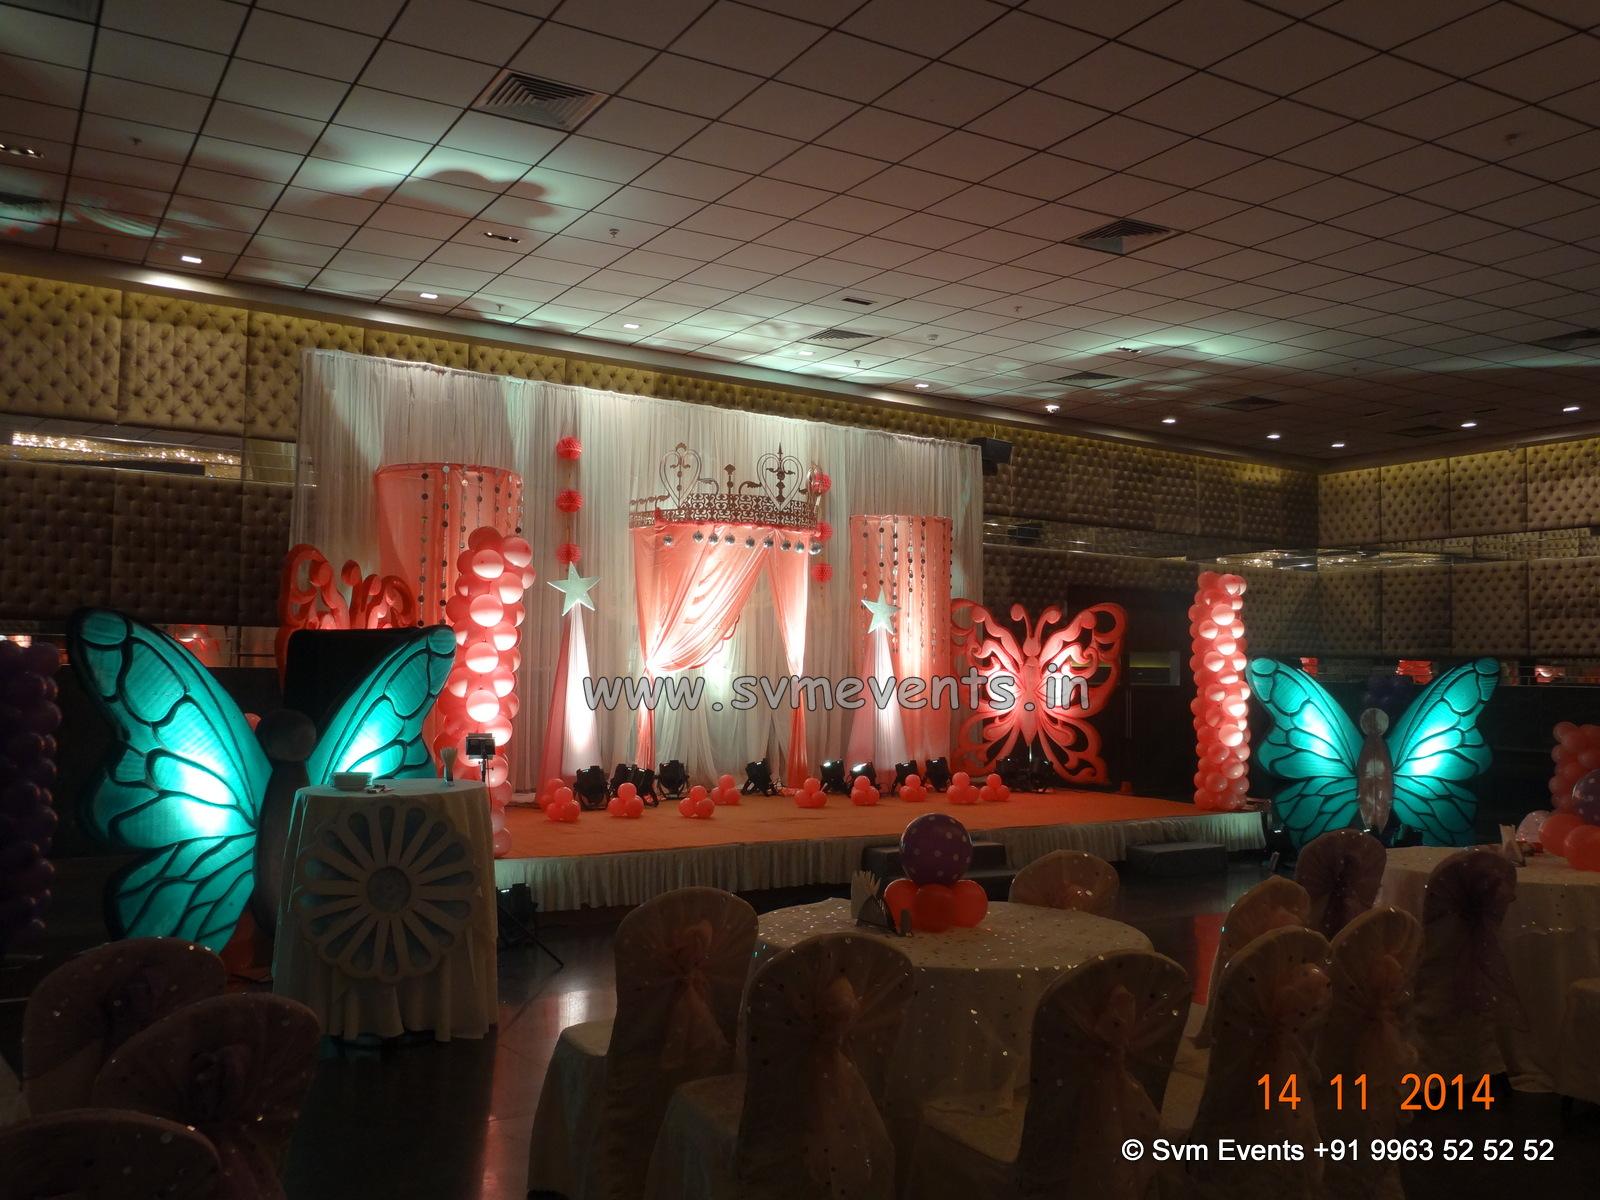 Balloon decorations in hyderabad vijayawada svm events for Balloon decoration in hyderabad